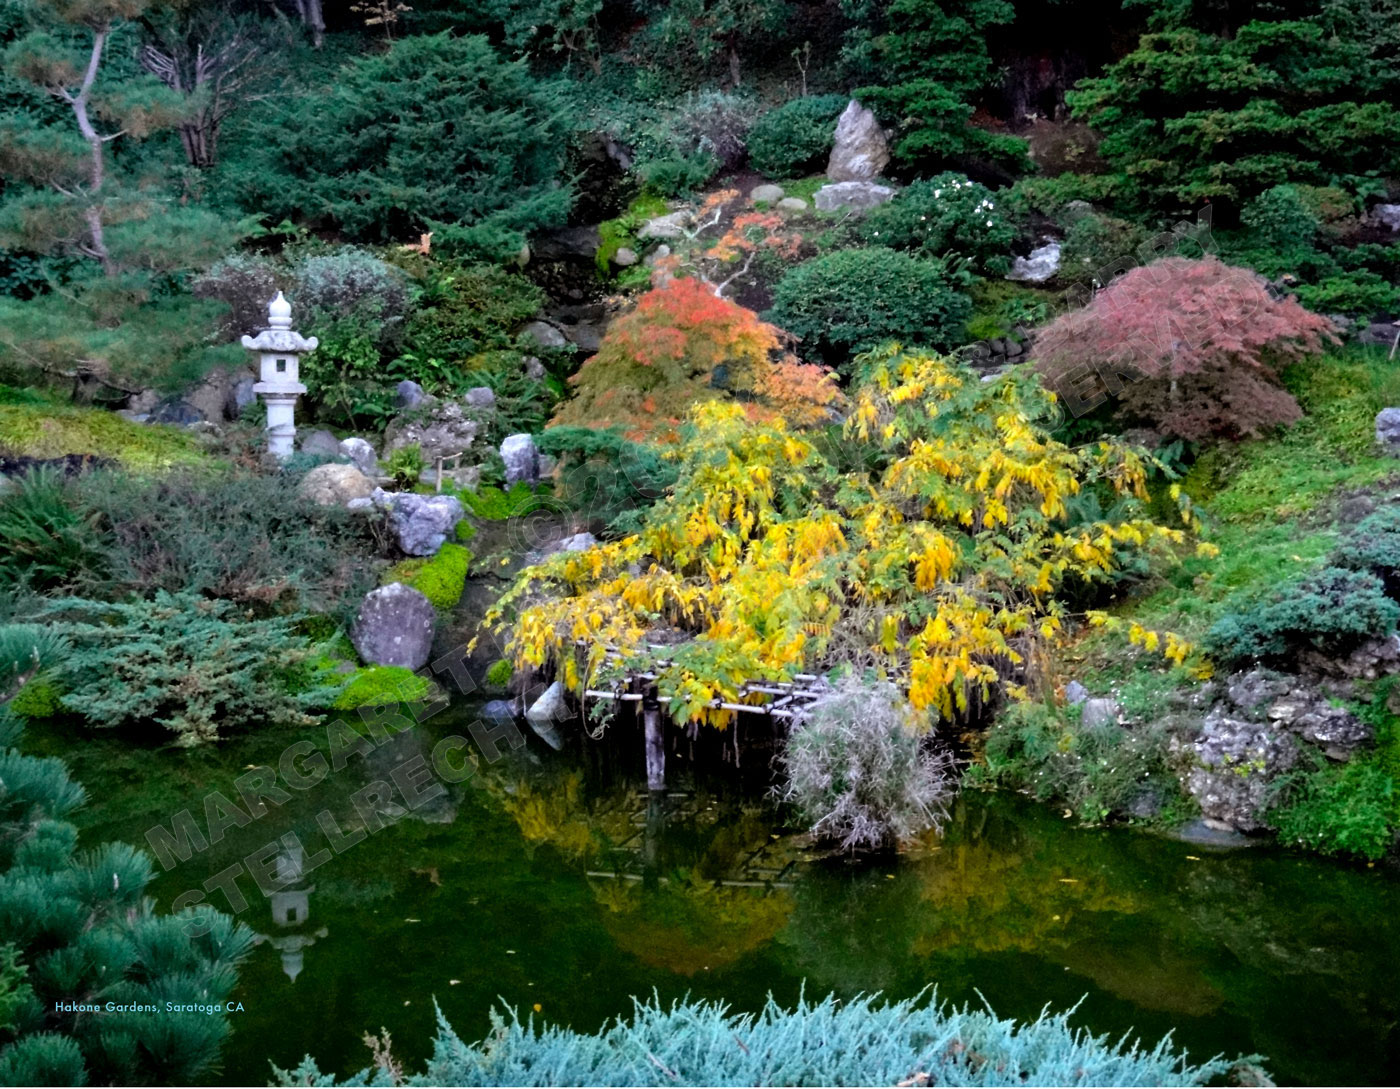 Hakone Gardens, Saratoga, CA